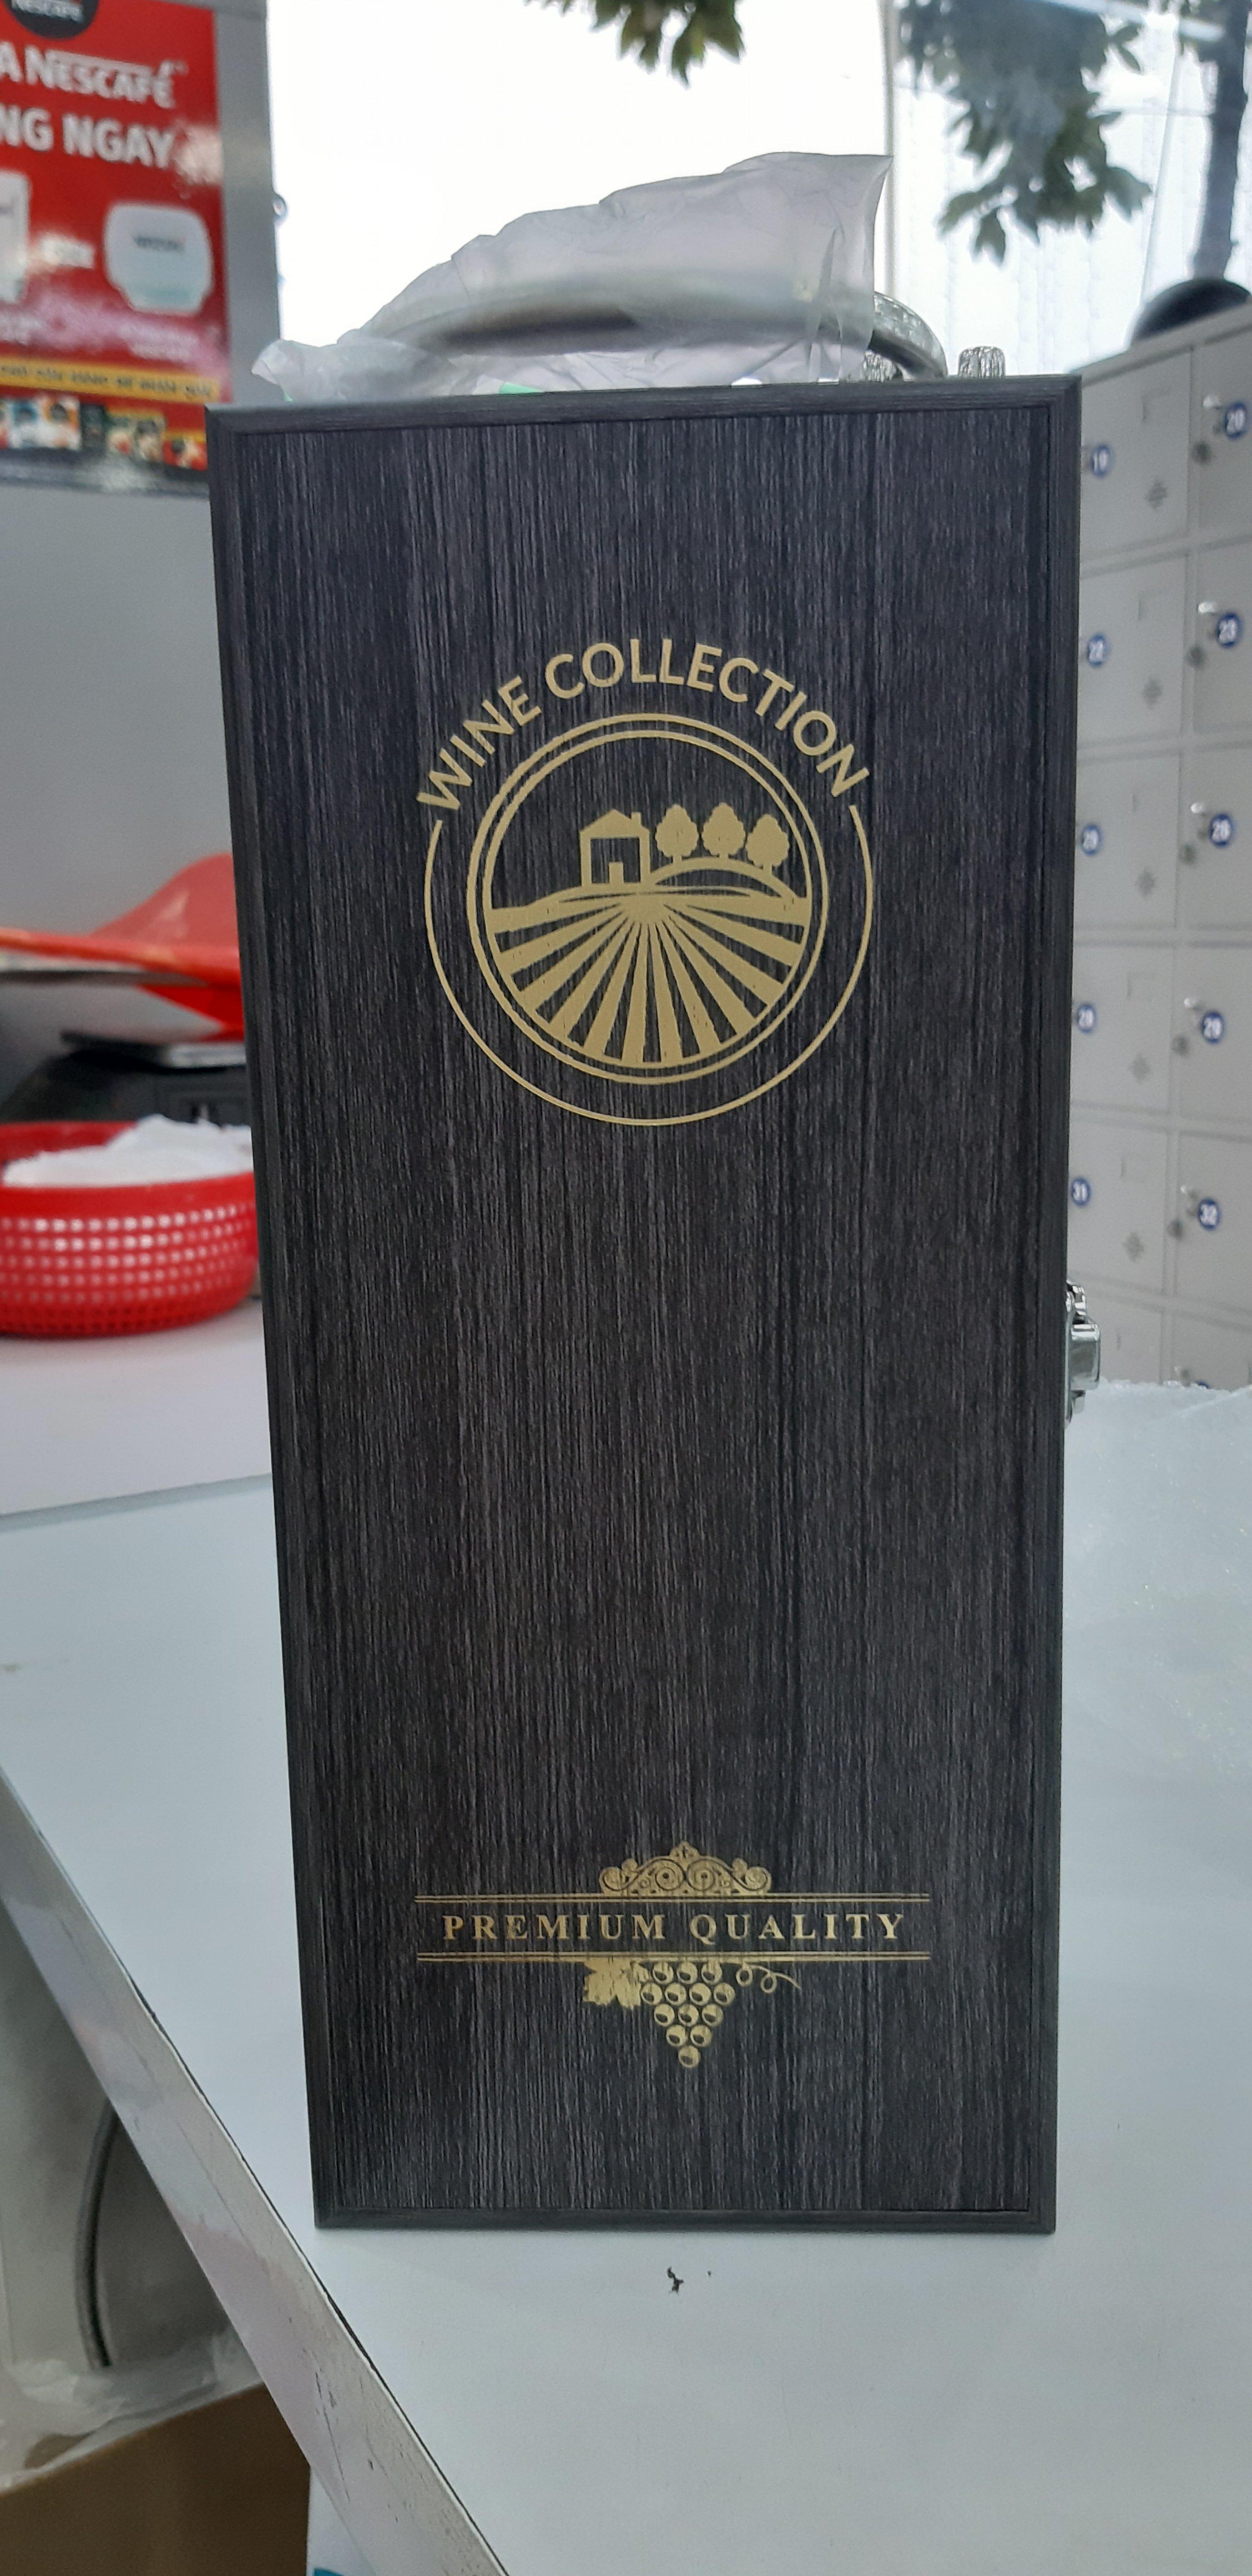 Hộp đựng rượu sơn mài 1 chai màu xám Wine Collection